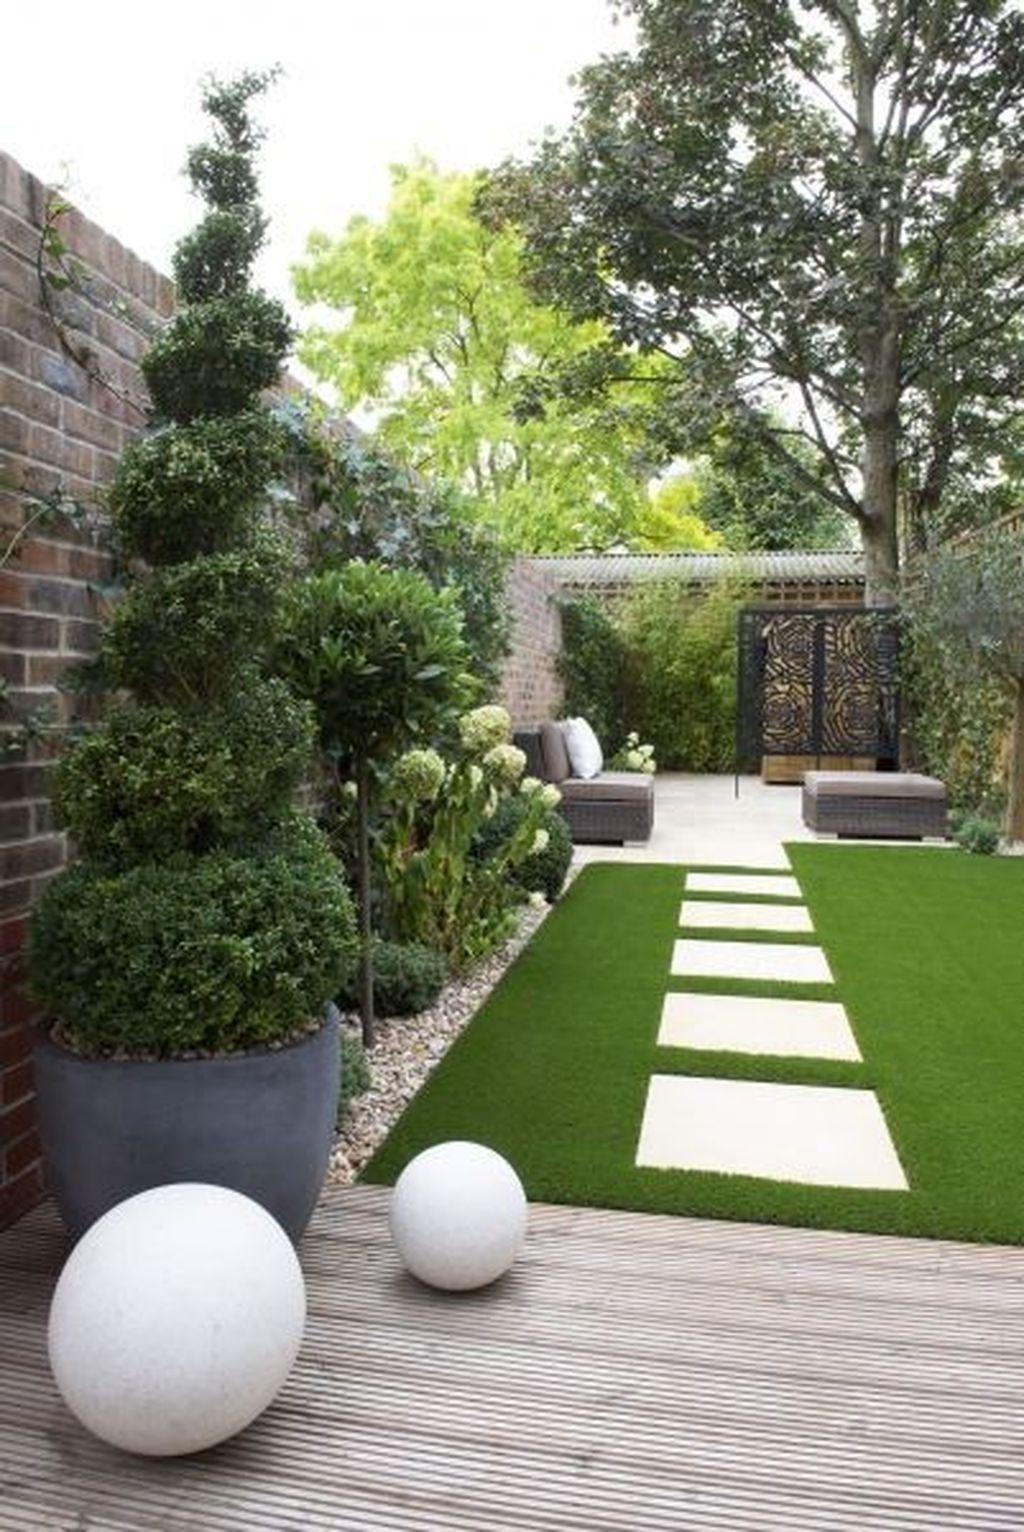 37 Shabby Chic Grass Garden DesignIdeen für die Gestaltung Ihres Gartens 37 Shabby Chic Grass Garden DesignIdeen für die Gestaltung Ihres Gartens